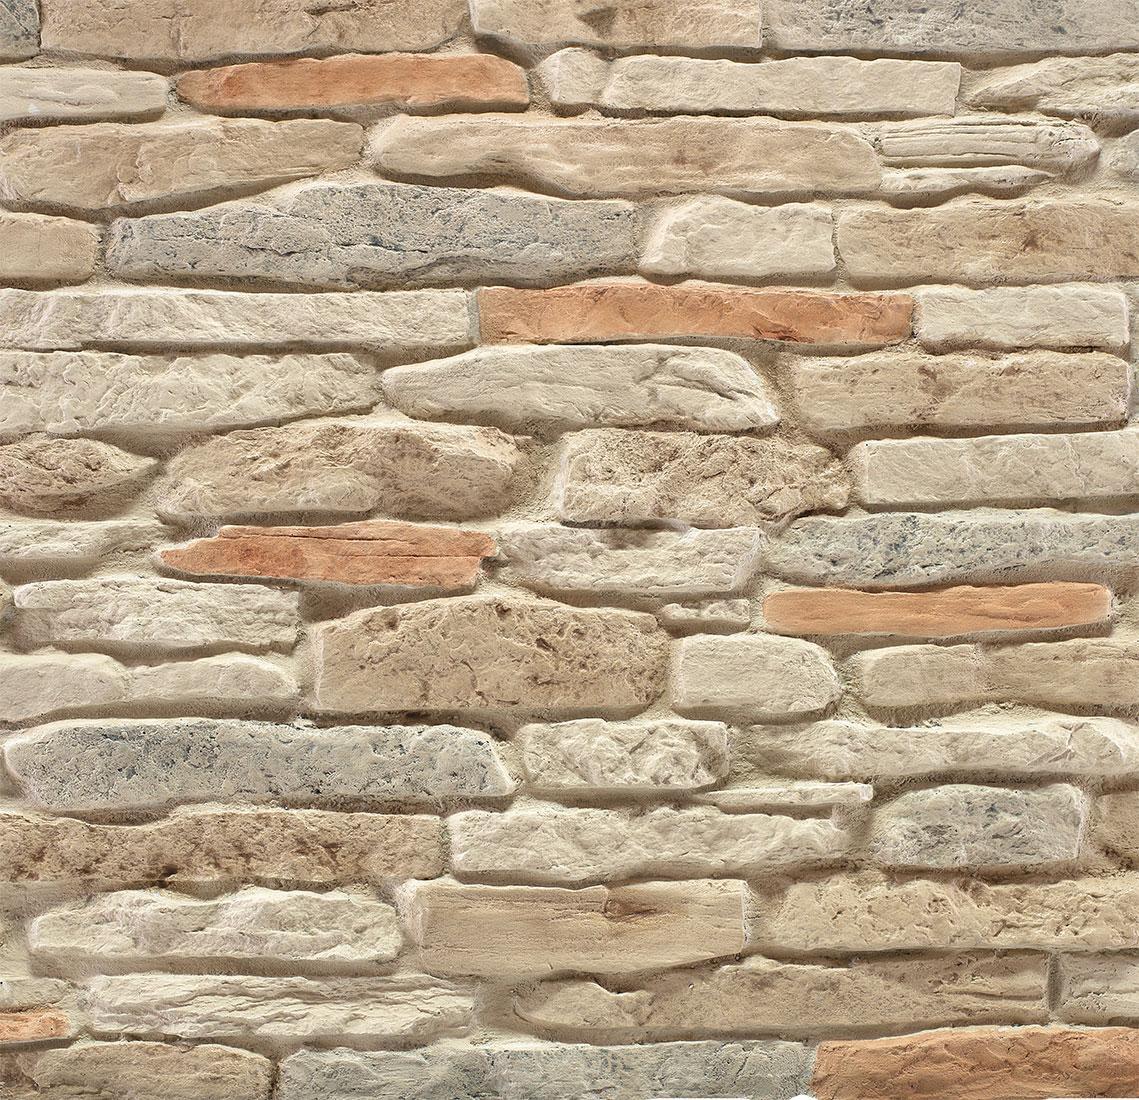 pietra-decor-2